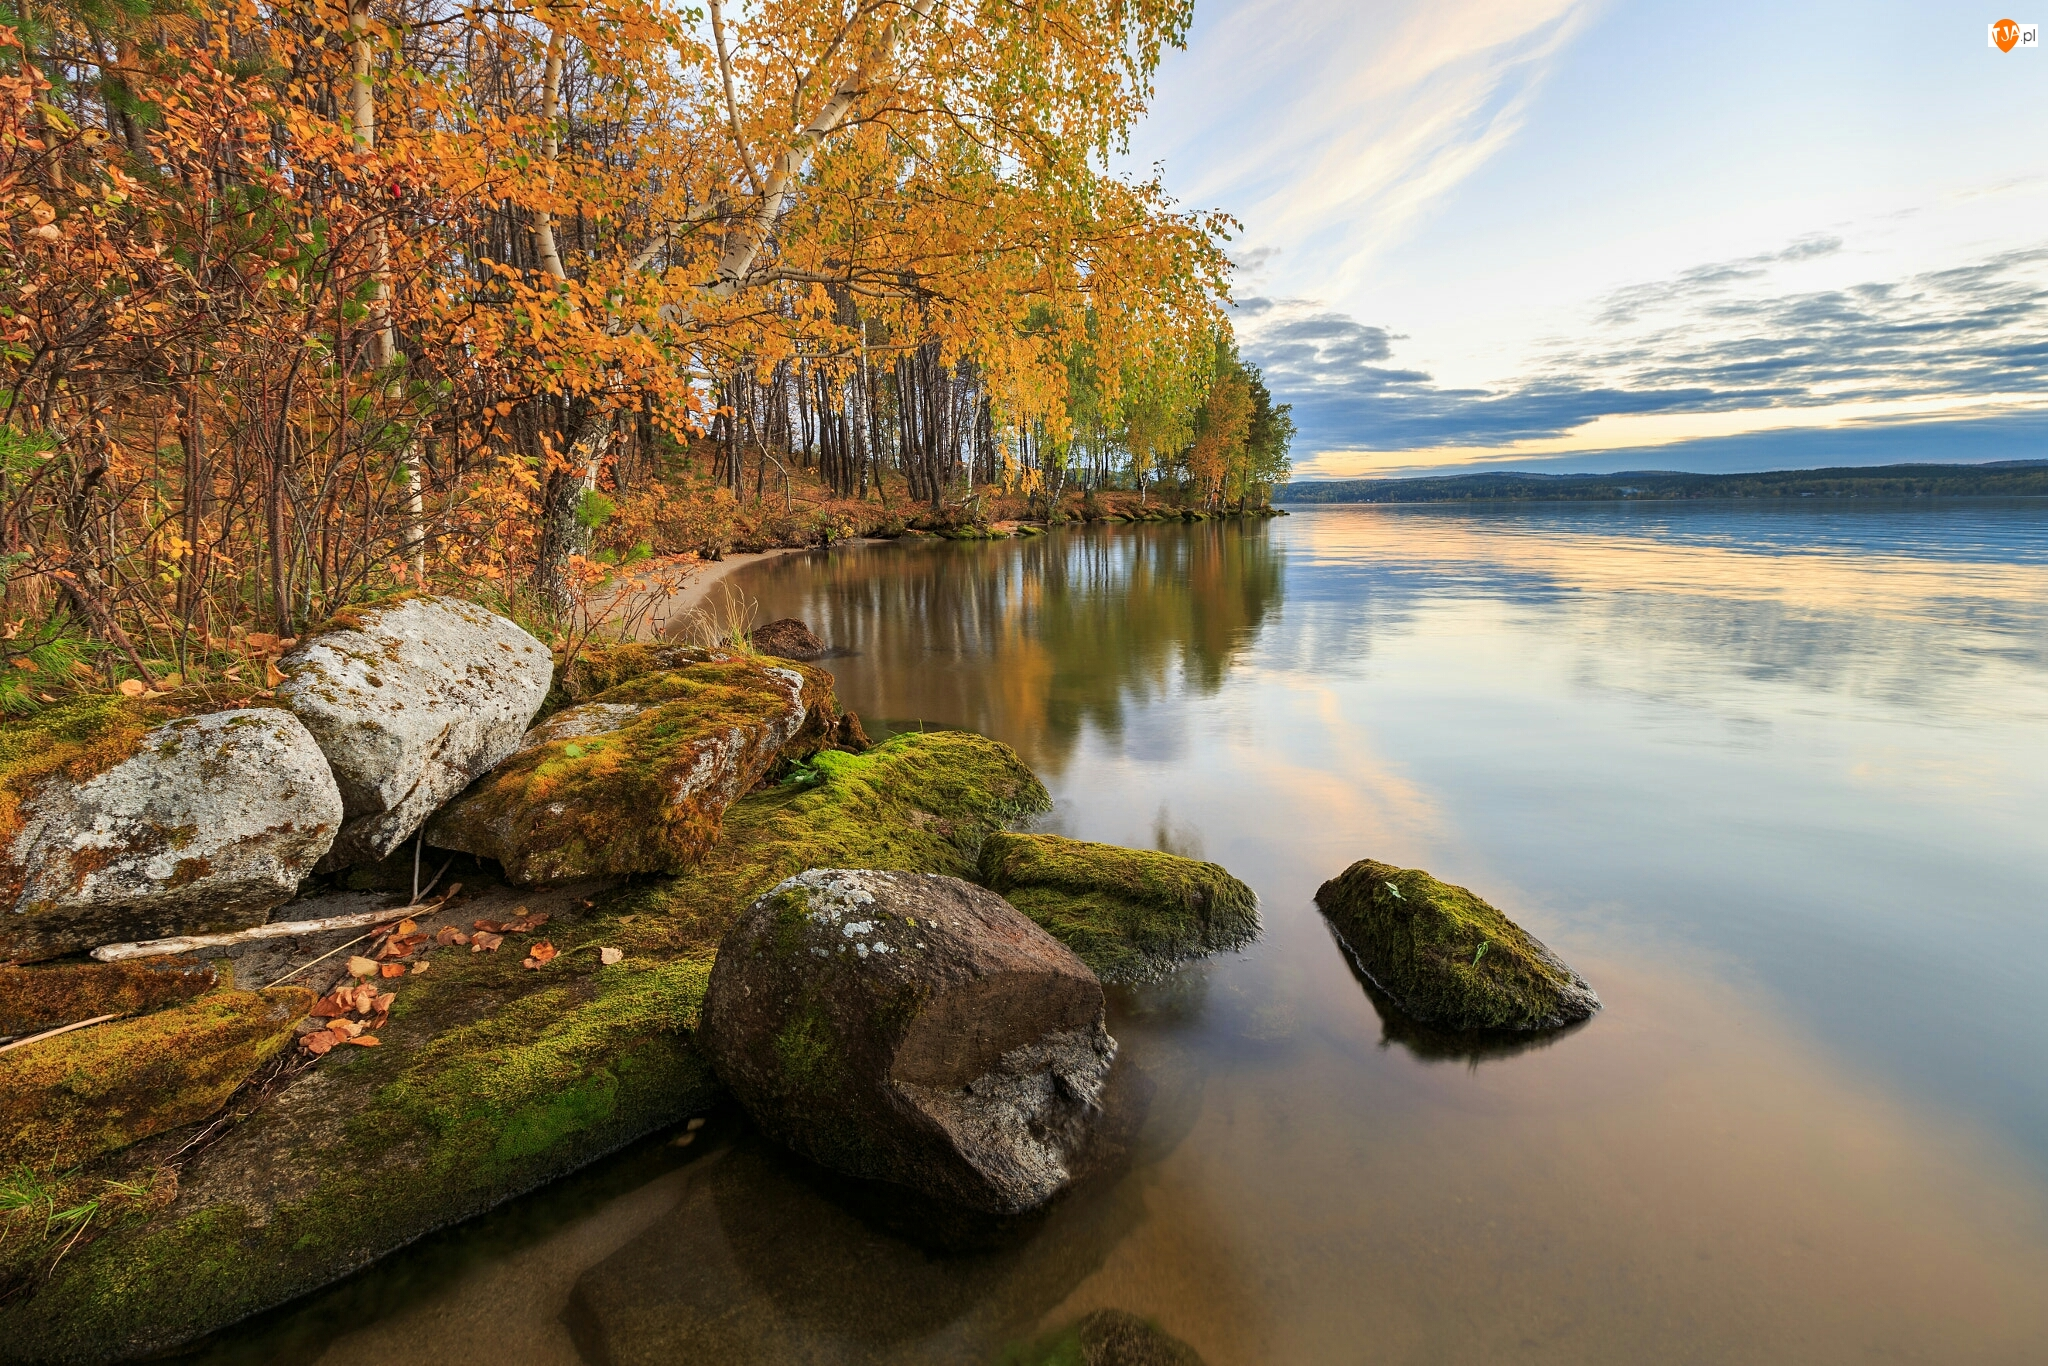 Jezioro Tavatuy, Omszałe, Ural, Drzewa, Rosja, Brzozy, Jesień, Kamienie